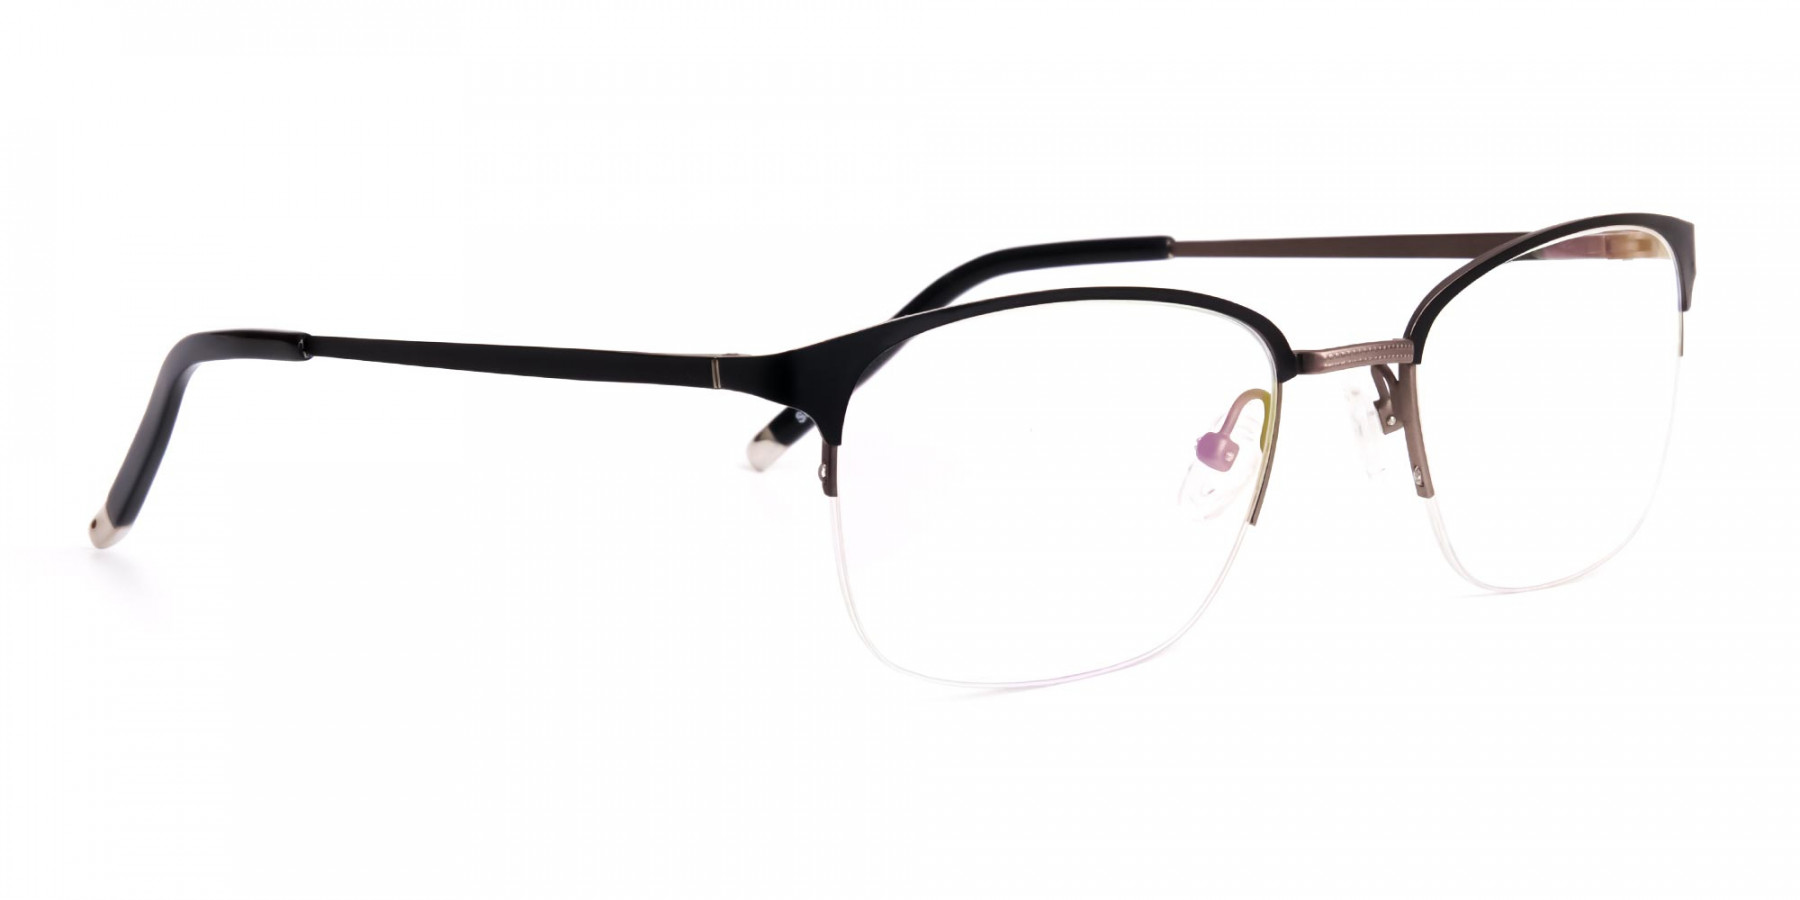 oval-and-rectangular-black-full-rim-glasses-frames-1